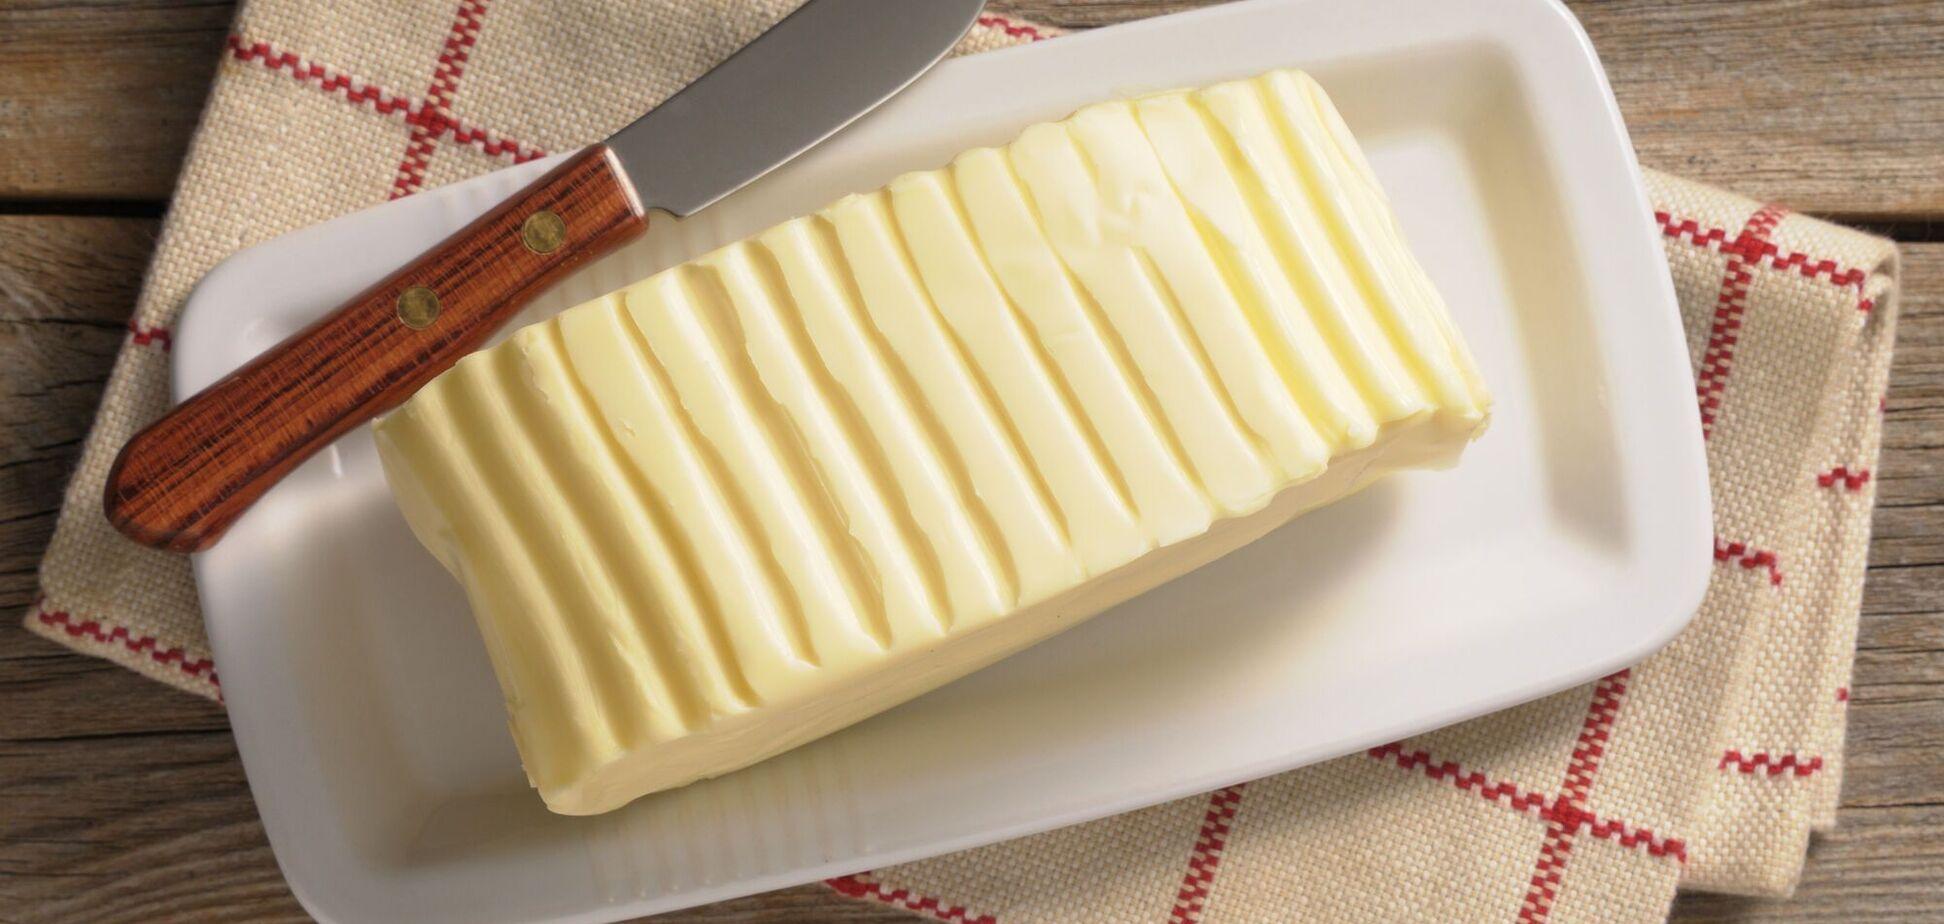 Производителей 'молочки' оштрафовали на 111,5 млн гривен